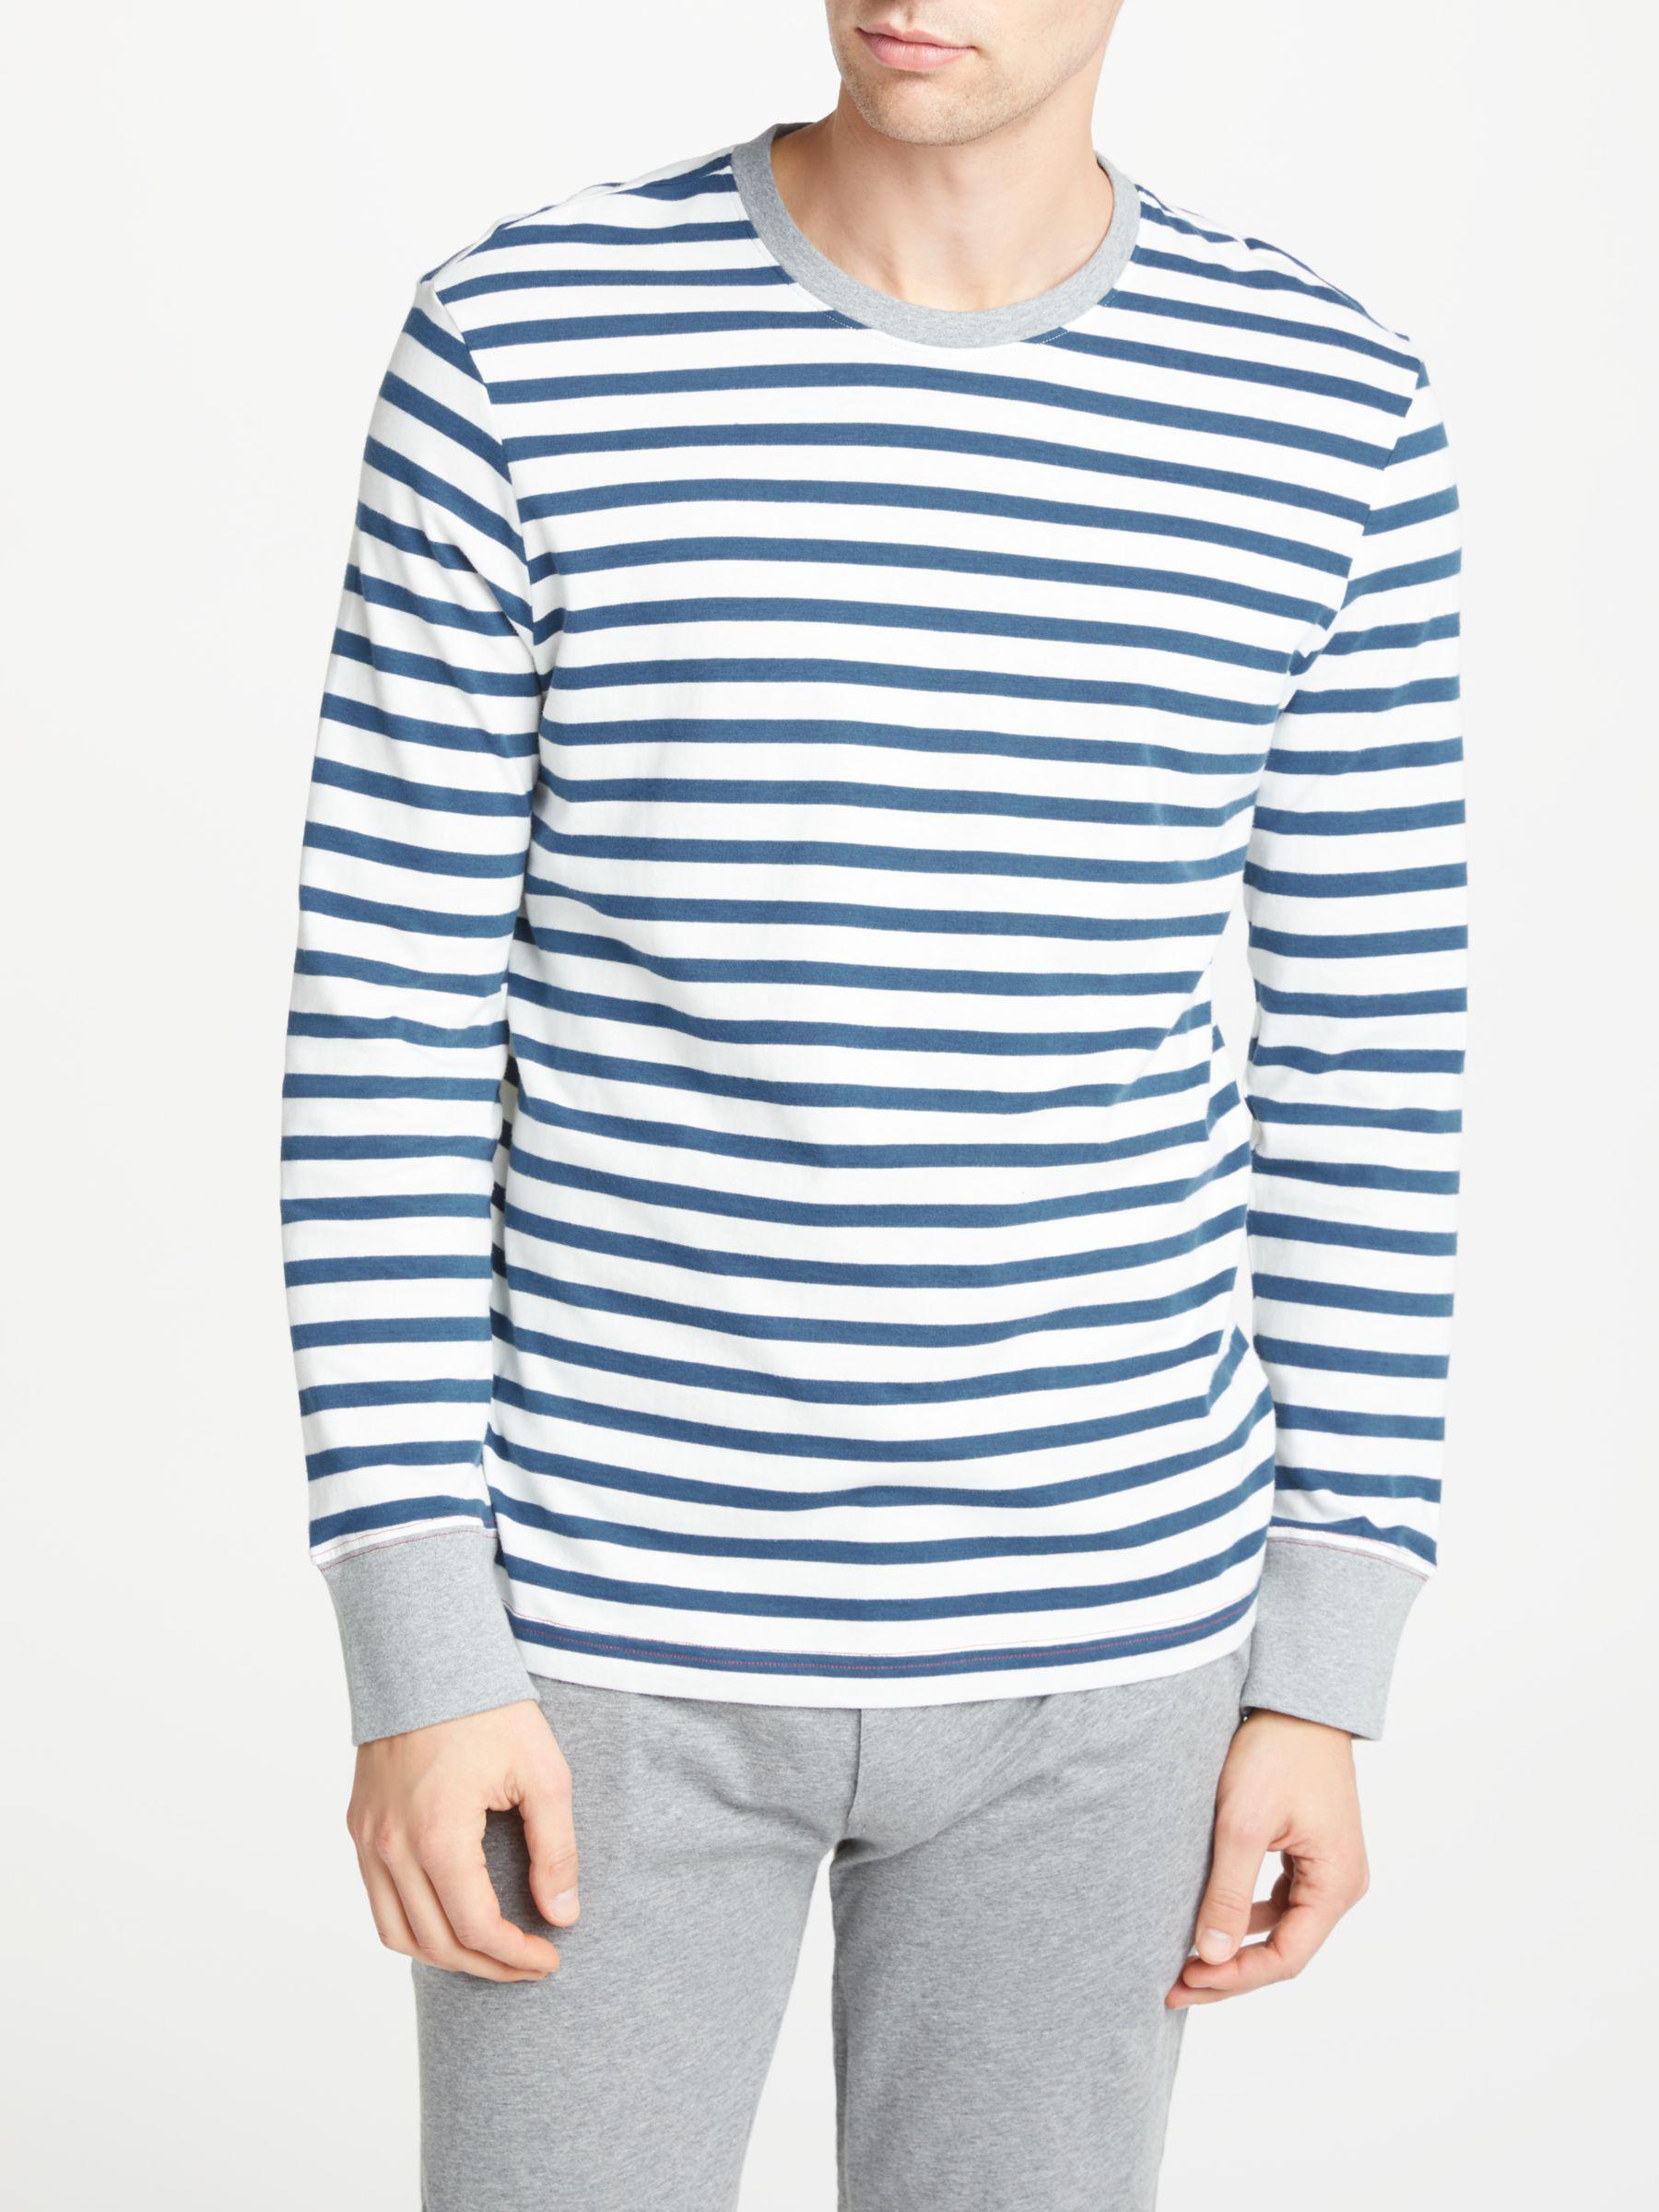 a63963c3ba8f John Lewis Breton Stripe Long Sleeve Pyjama Top in Blue for Men - Lyst